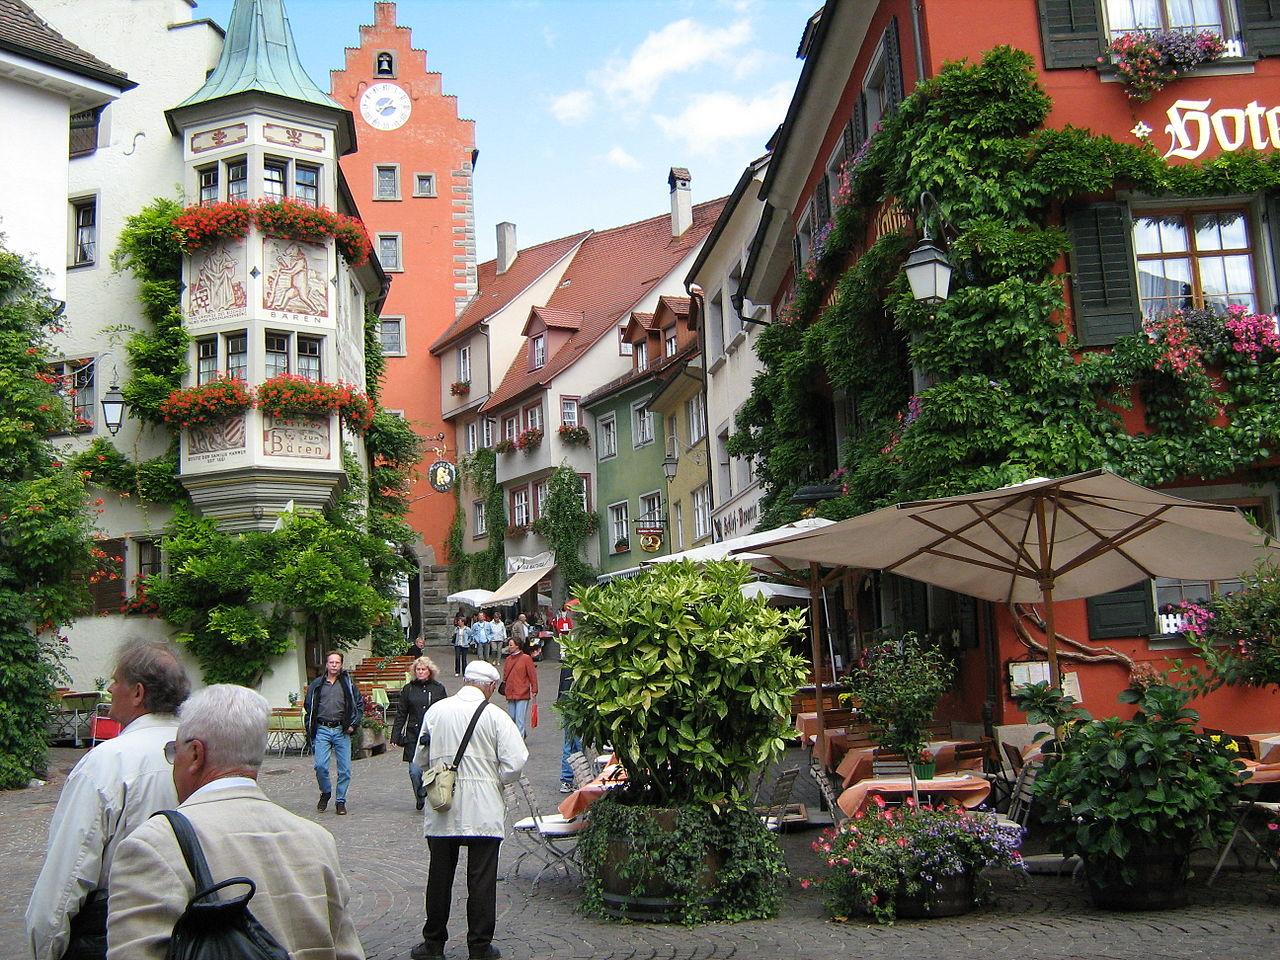 Меерсбург, Германия: главные достопримечательности, интересные места, лучшие рестораны